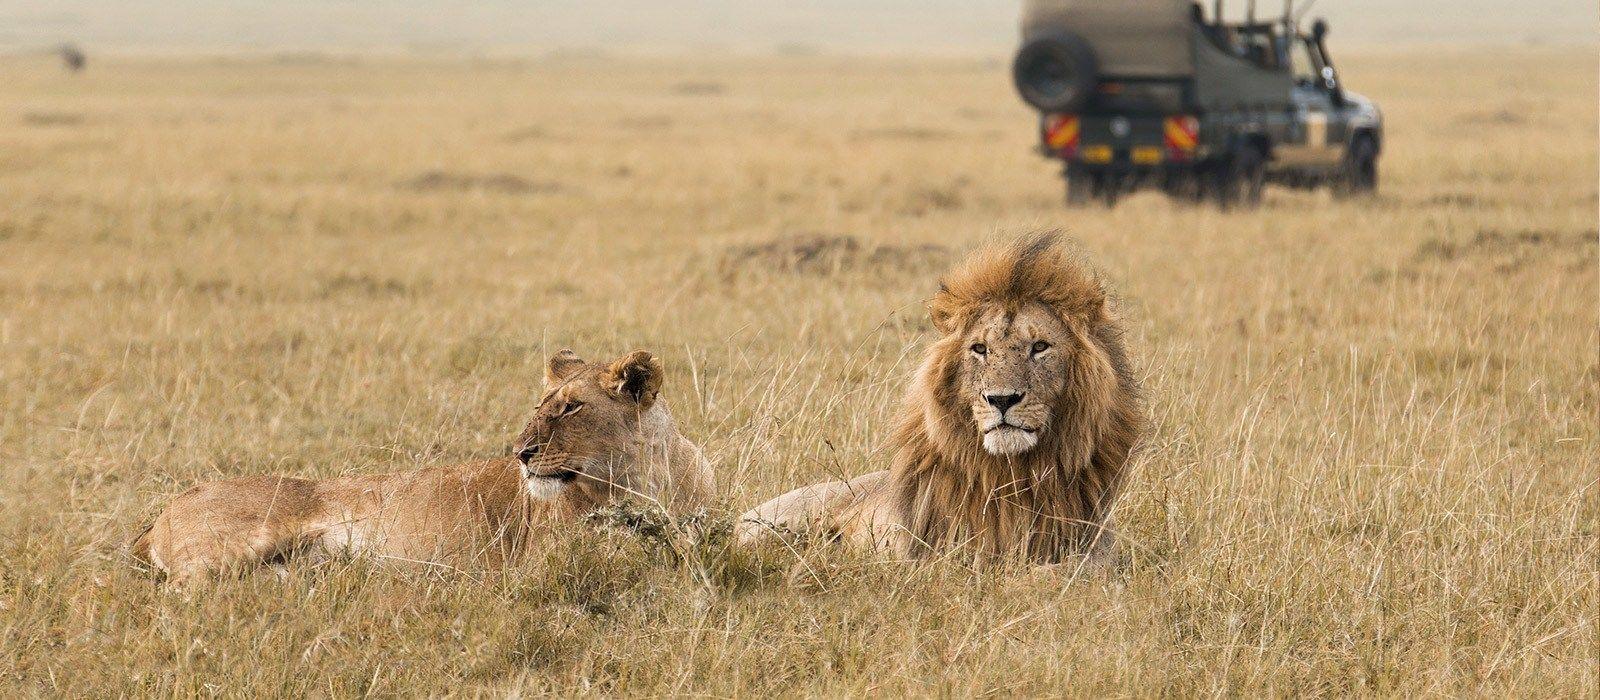 Destination Serengeti (Central) Tanzania